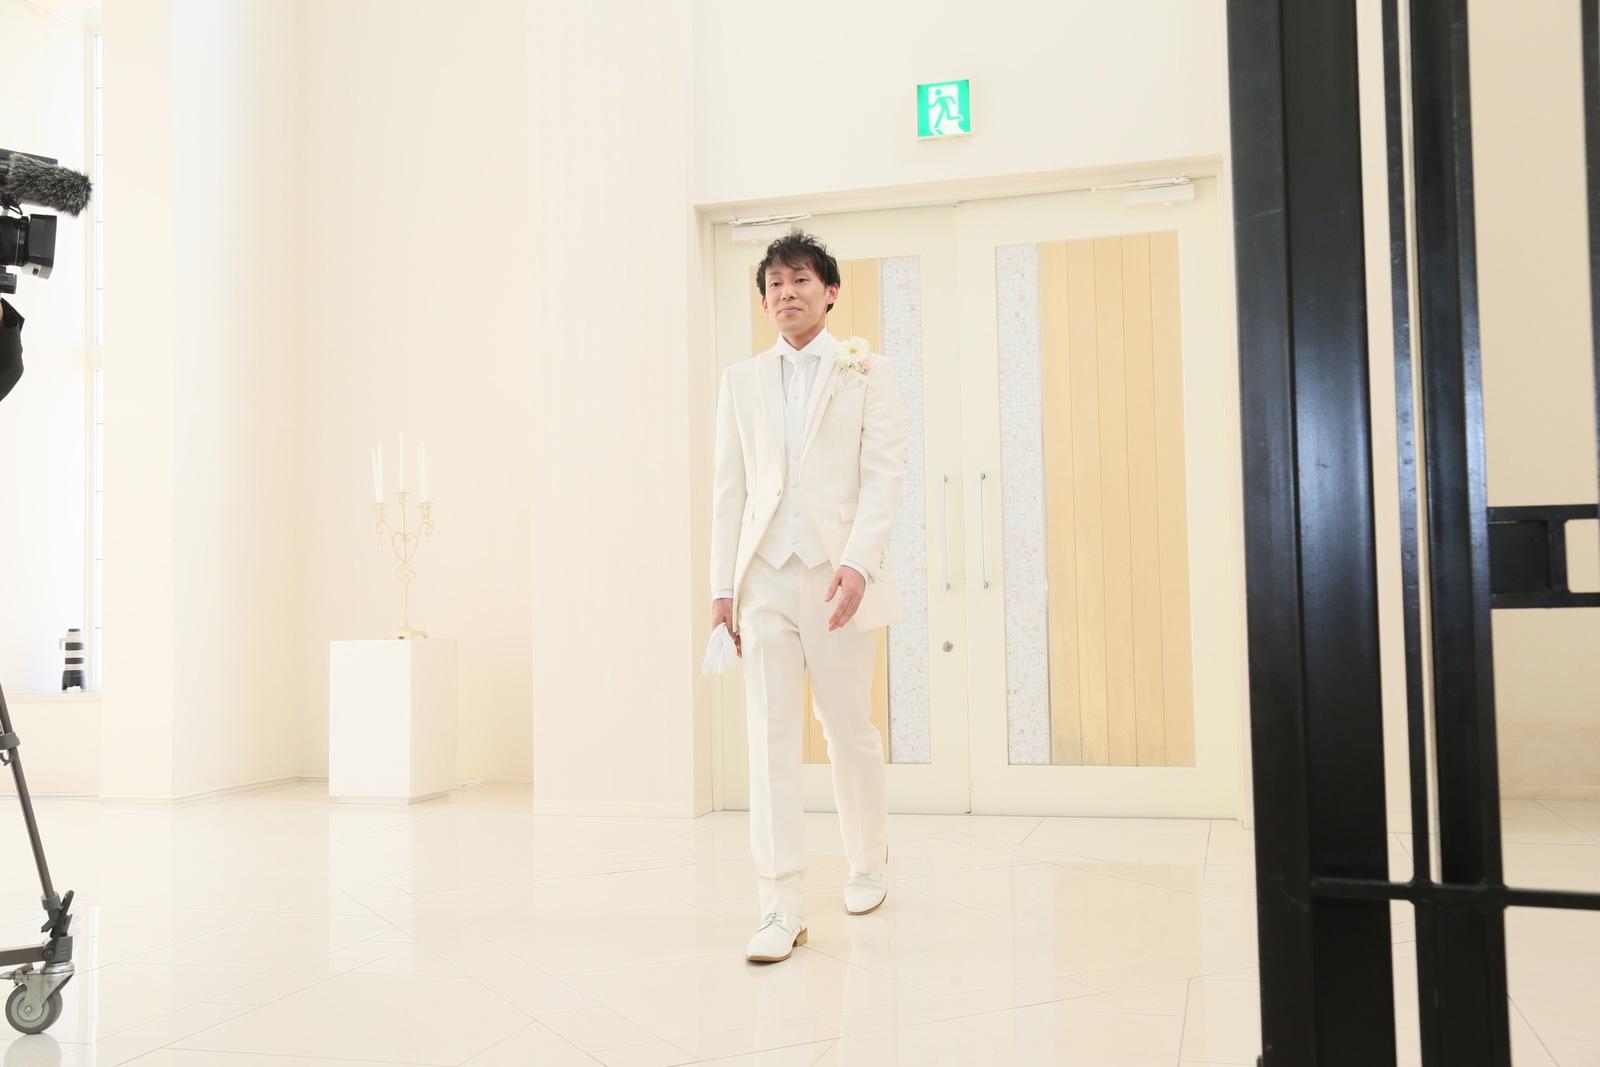 徳島市の結婚式場ブランアンジュで新郎様のチャペル入場のシーン